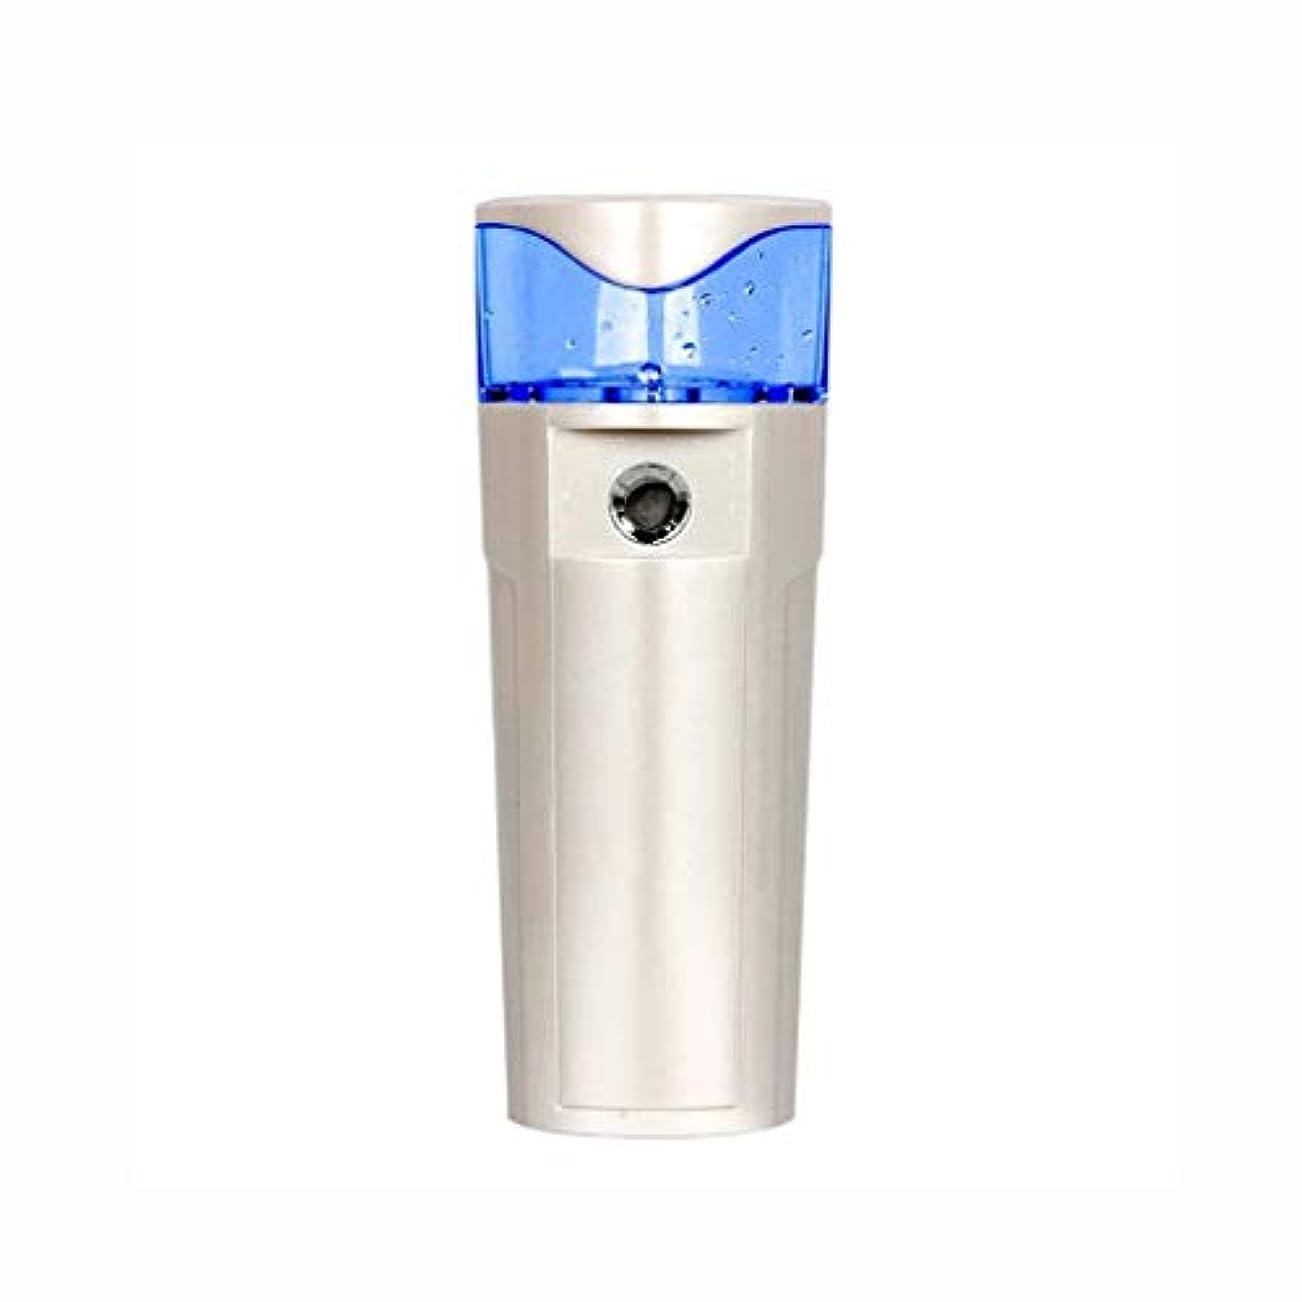 スプレーポータブルクールスプレーフェイシャルスプレーモイスチャライジングモイスチャライジングおよびモイスチャライジングスチーマーモバイル電源usb充電美容スキンケア楽器 (色 : シルバーホワイト)